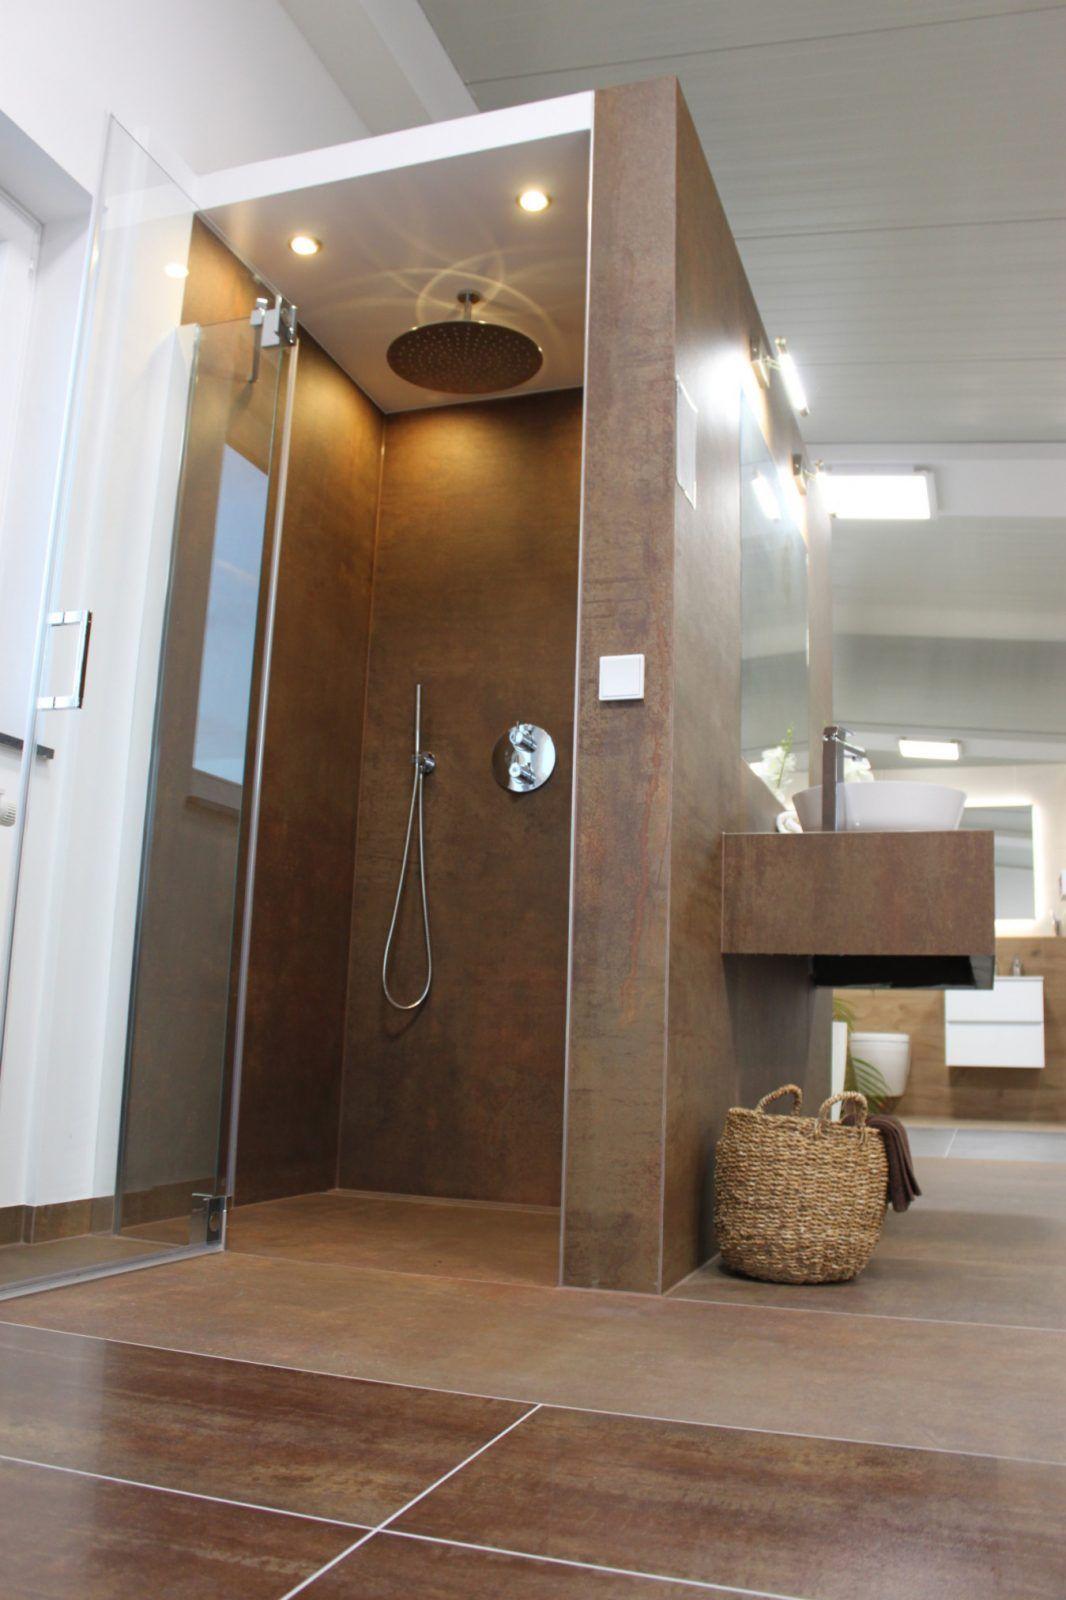 Ausstellung Von Badezimmer Fliesen Ausstellung Bild In 2020 Badezimmer Fliesen Badezimmer Badezimmer Ausstellung